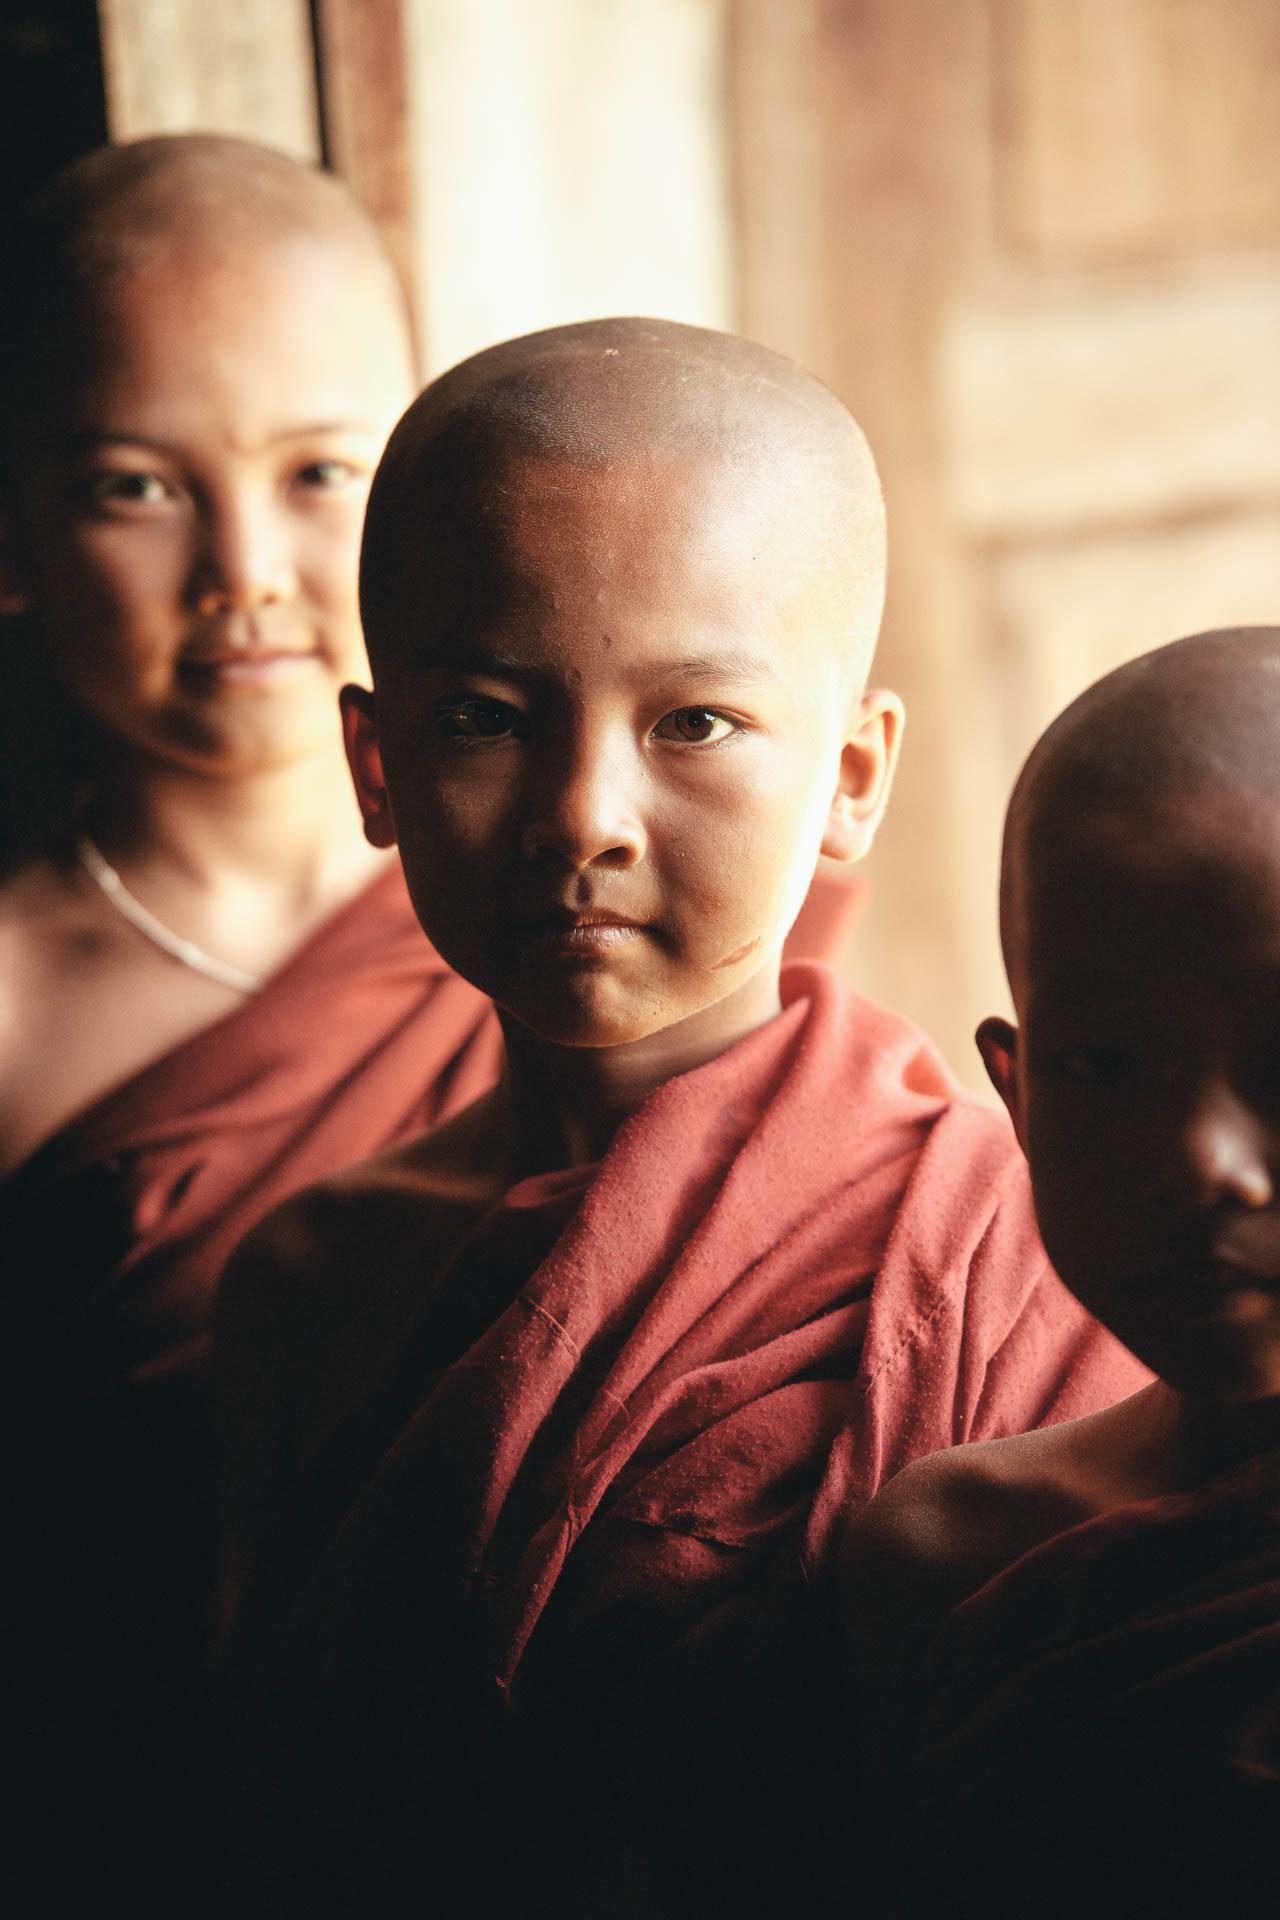 Drei Kindermönche Myanmar Fotostory von Redeleit und Junker